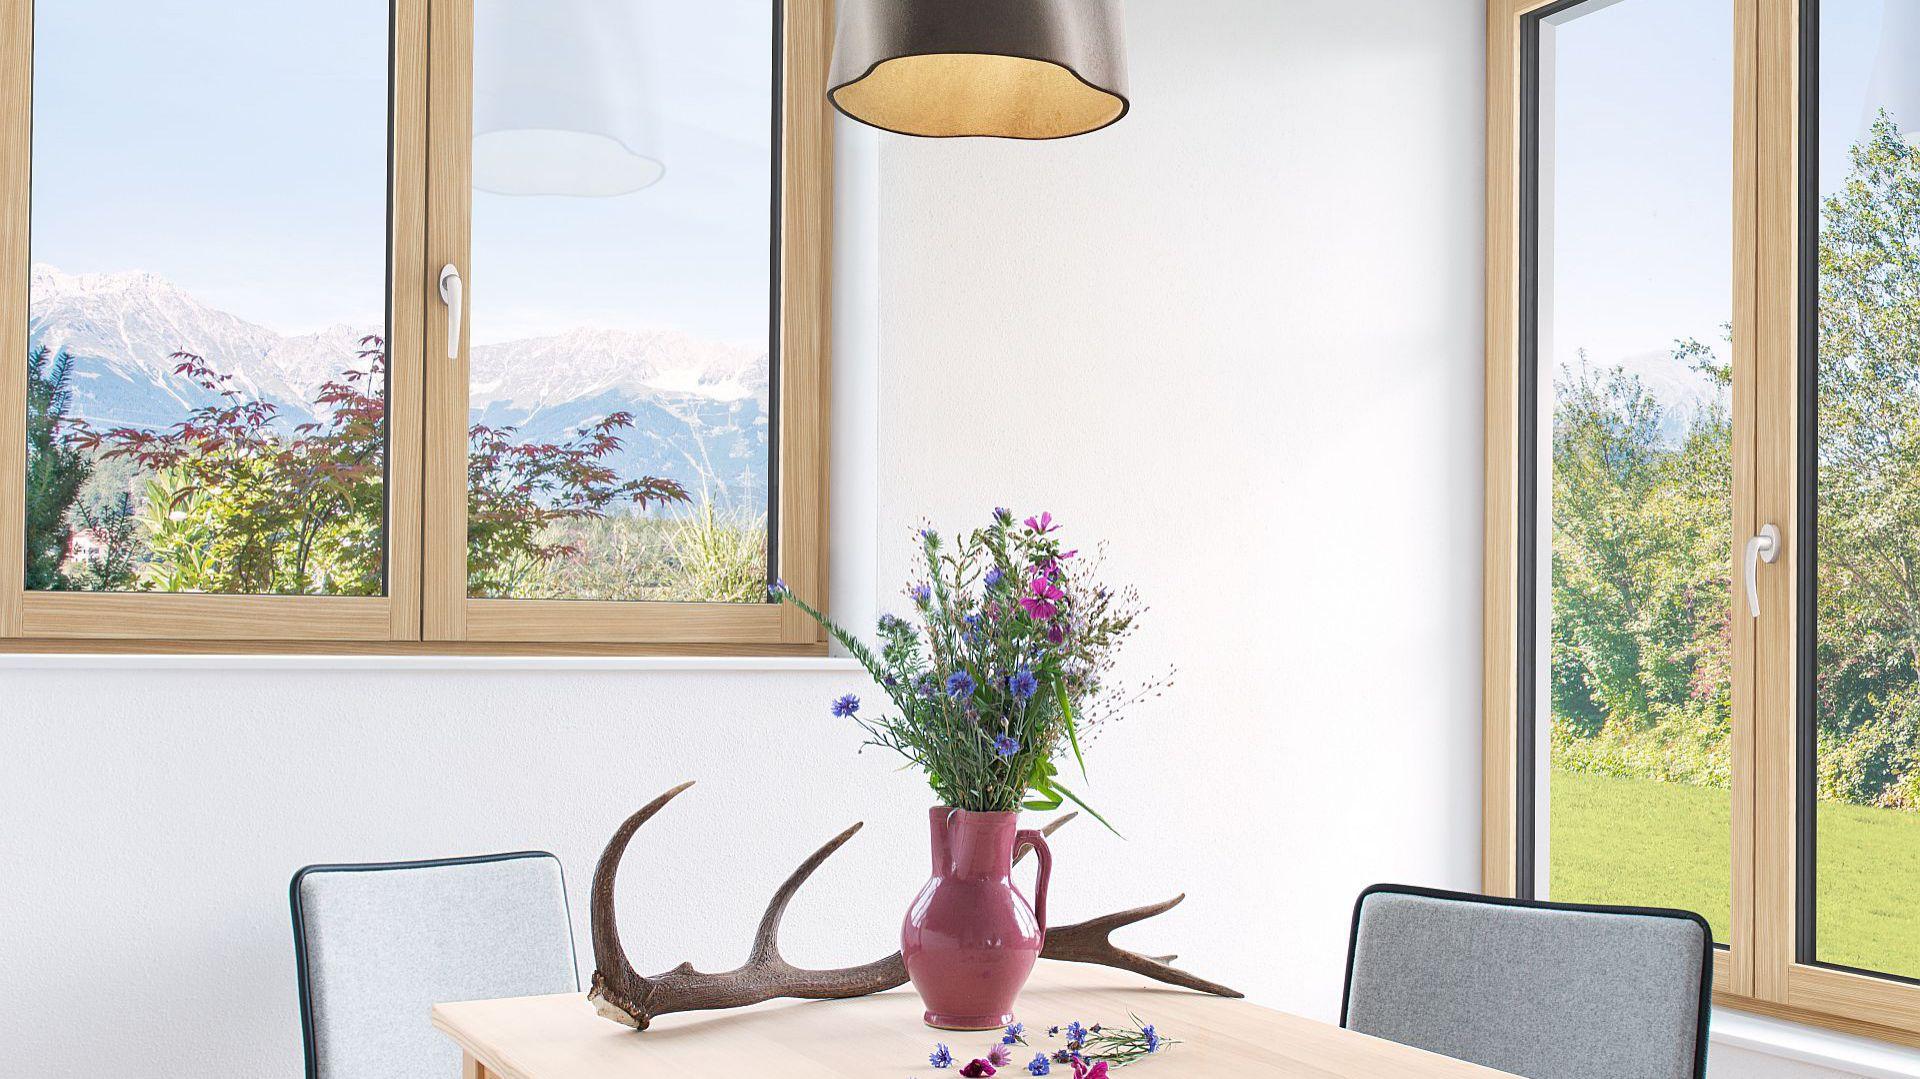 Okno drewniano-aluminiowe HF 410/Internorm. Produkt zgłoszony do konkursu Dobry Design 2018.